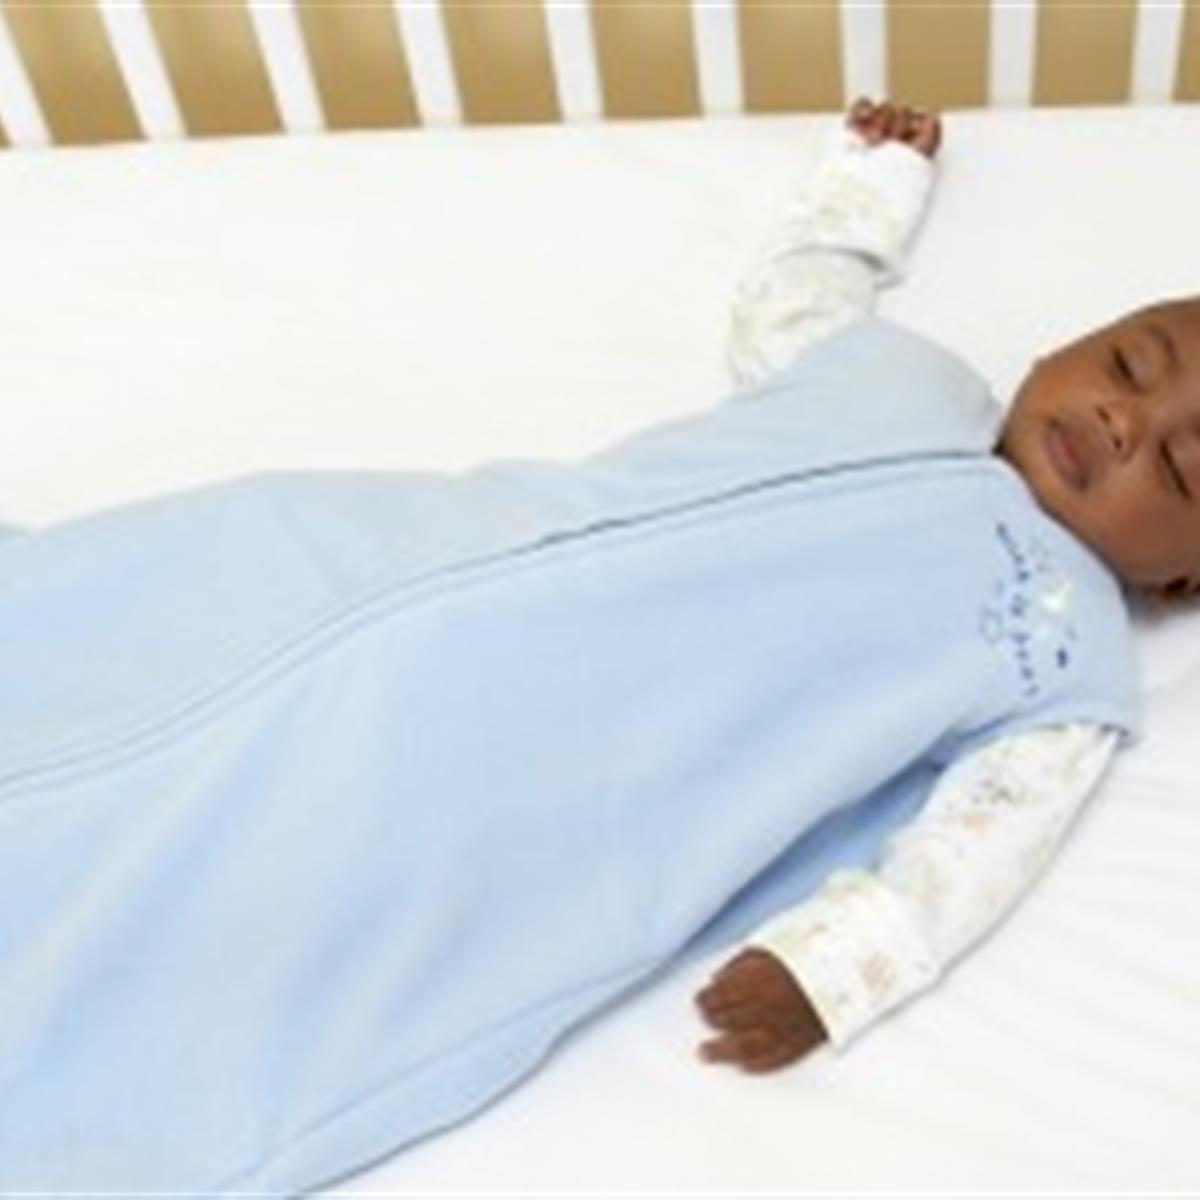 Make Baby S Room Safe Parent Checklist Healthychildren Org